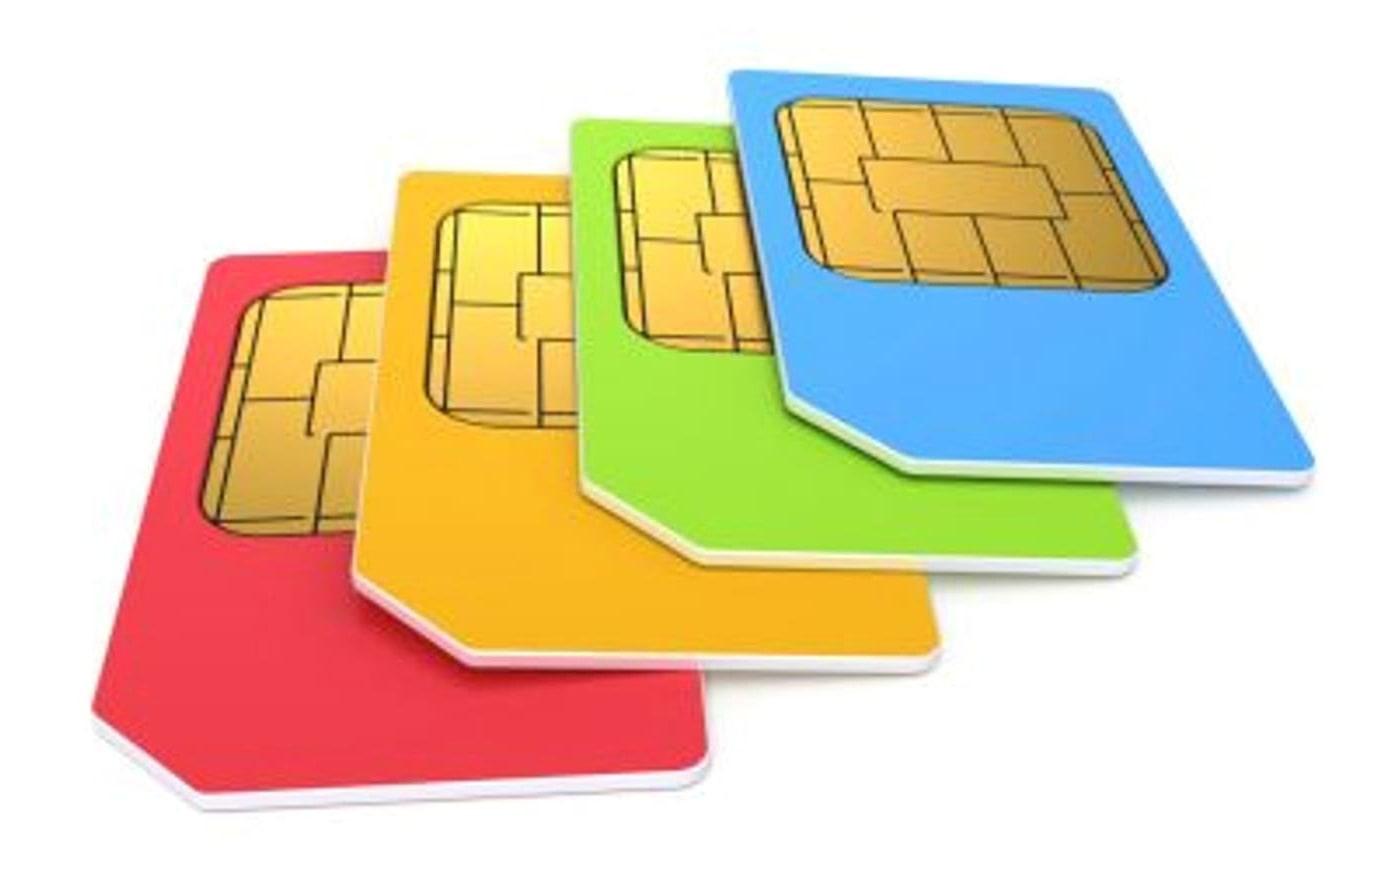 Brecha de segurança é identificada em cartões SIM e permite controle remoto de aparelhos